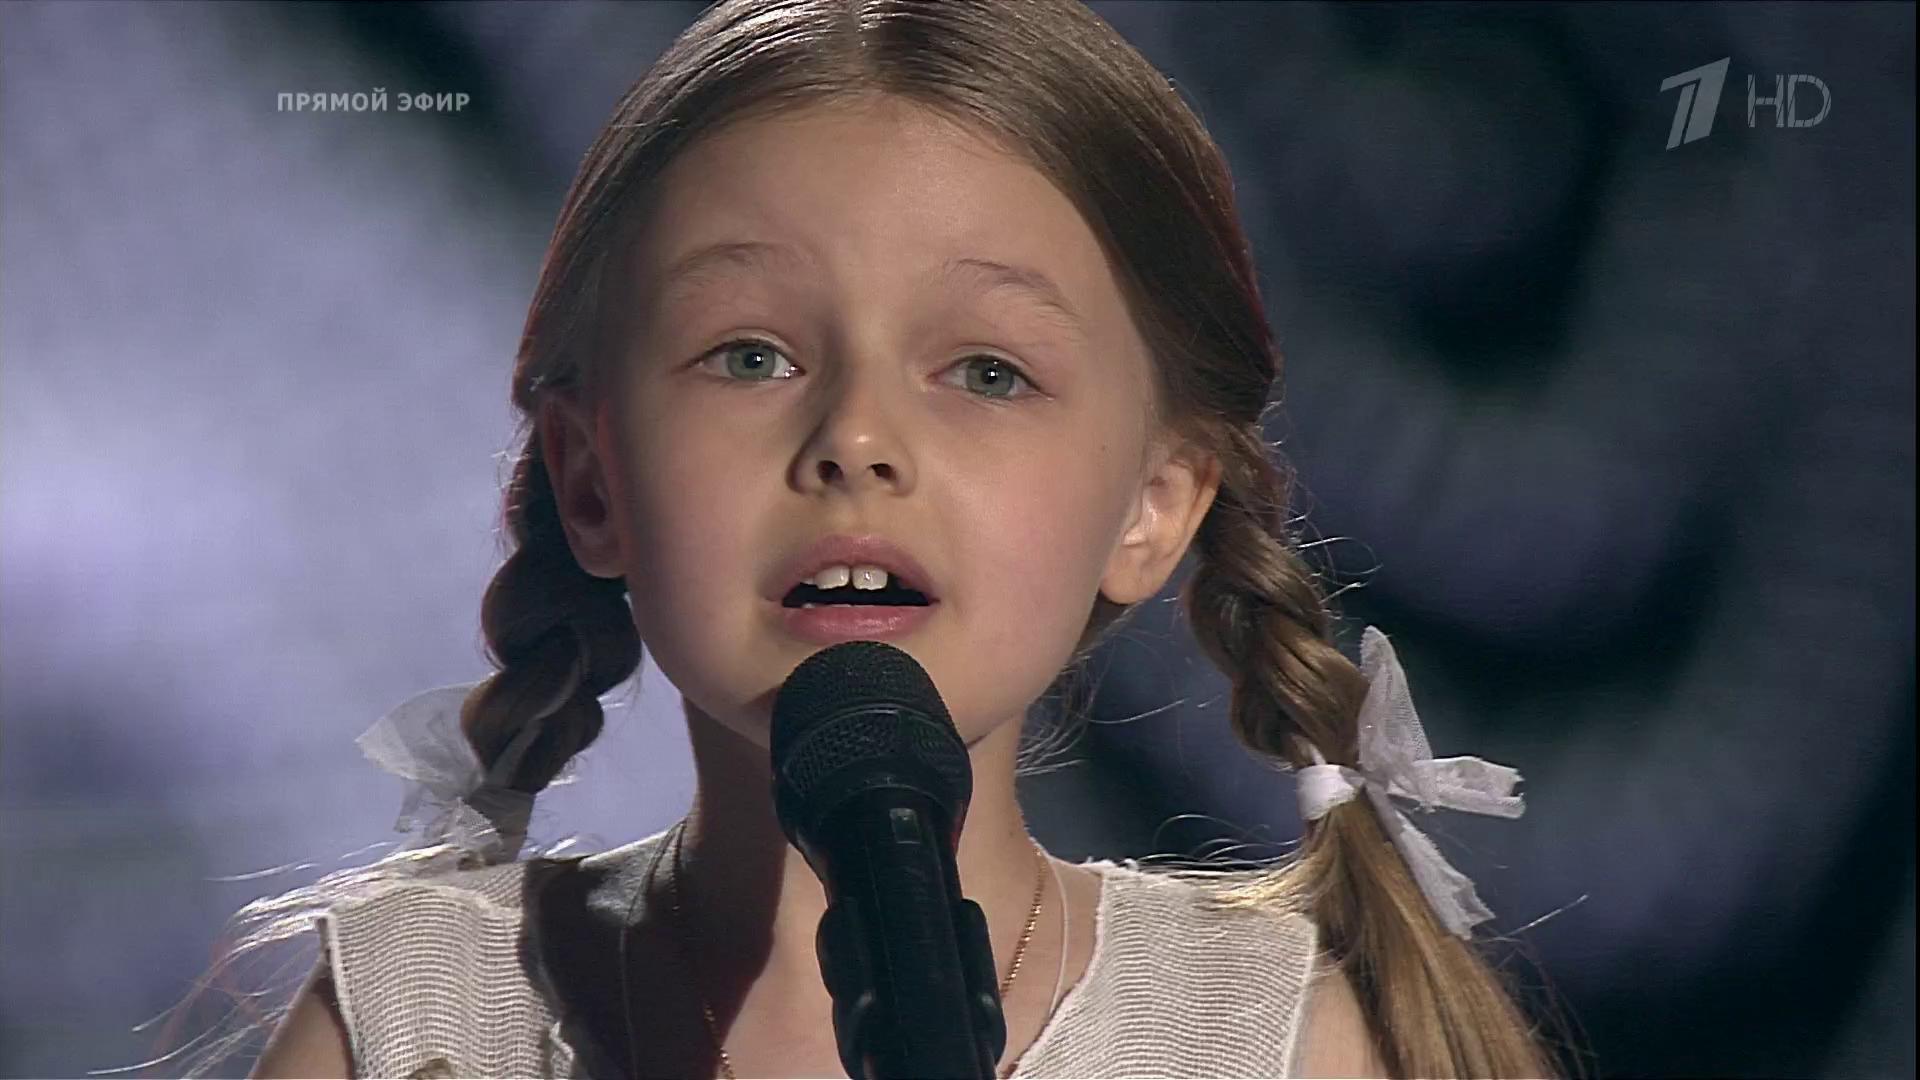 голос дети пуховый платок возникают